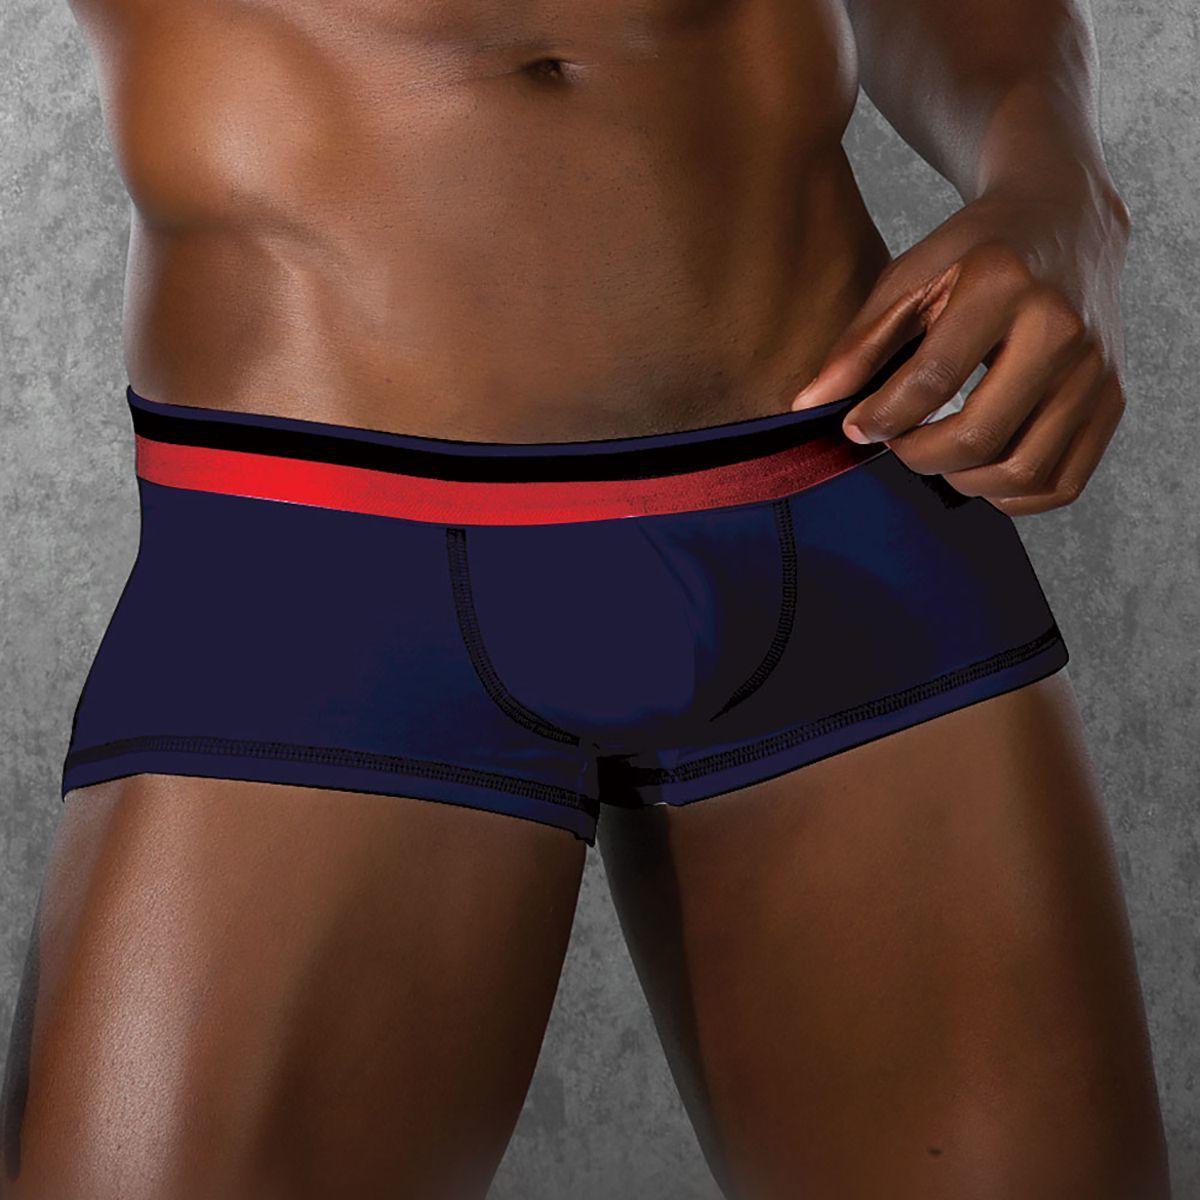 Мужское белье: Трусы-боксеры с низкой посадкой